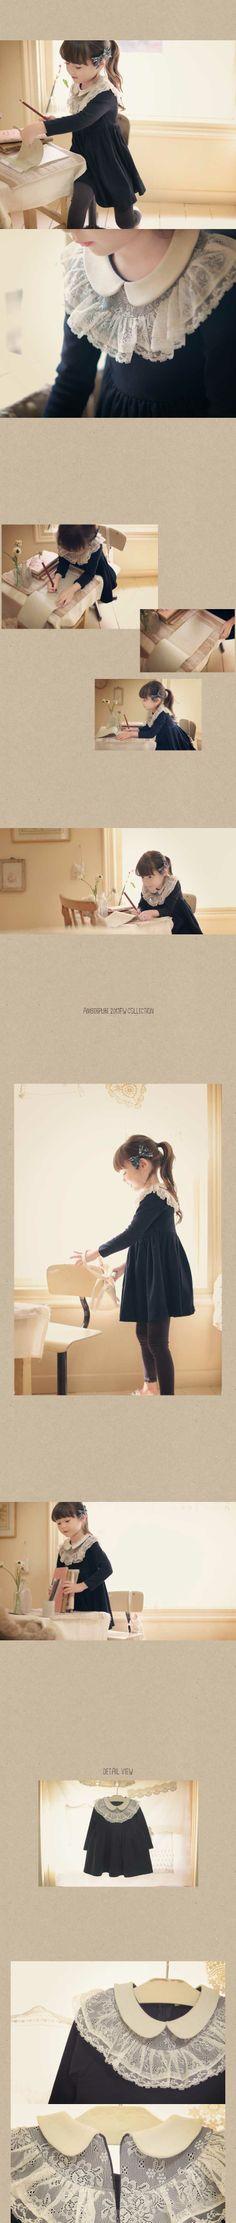 かわいい子供服 | ベビー服 | キッズファッション輸入通販のセレクトショップ【Peach Baby】Amber-pure アンバーピュア ニニワンピース